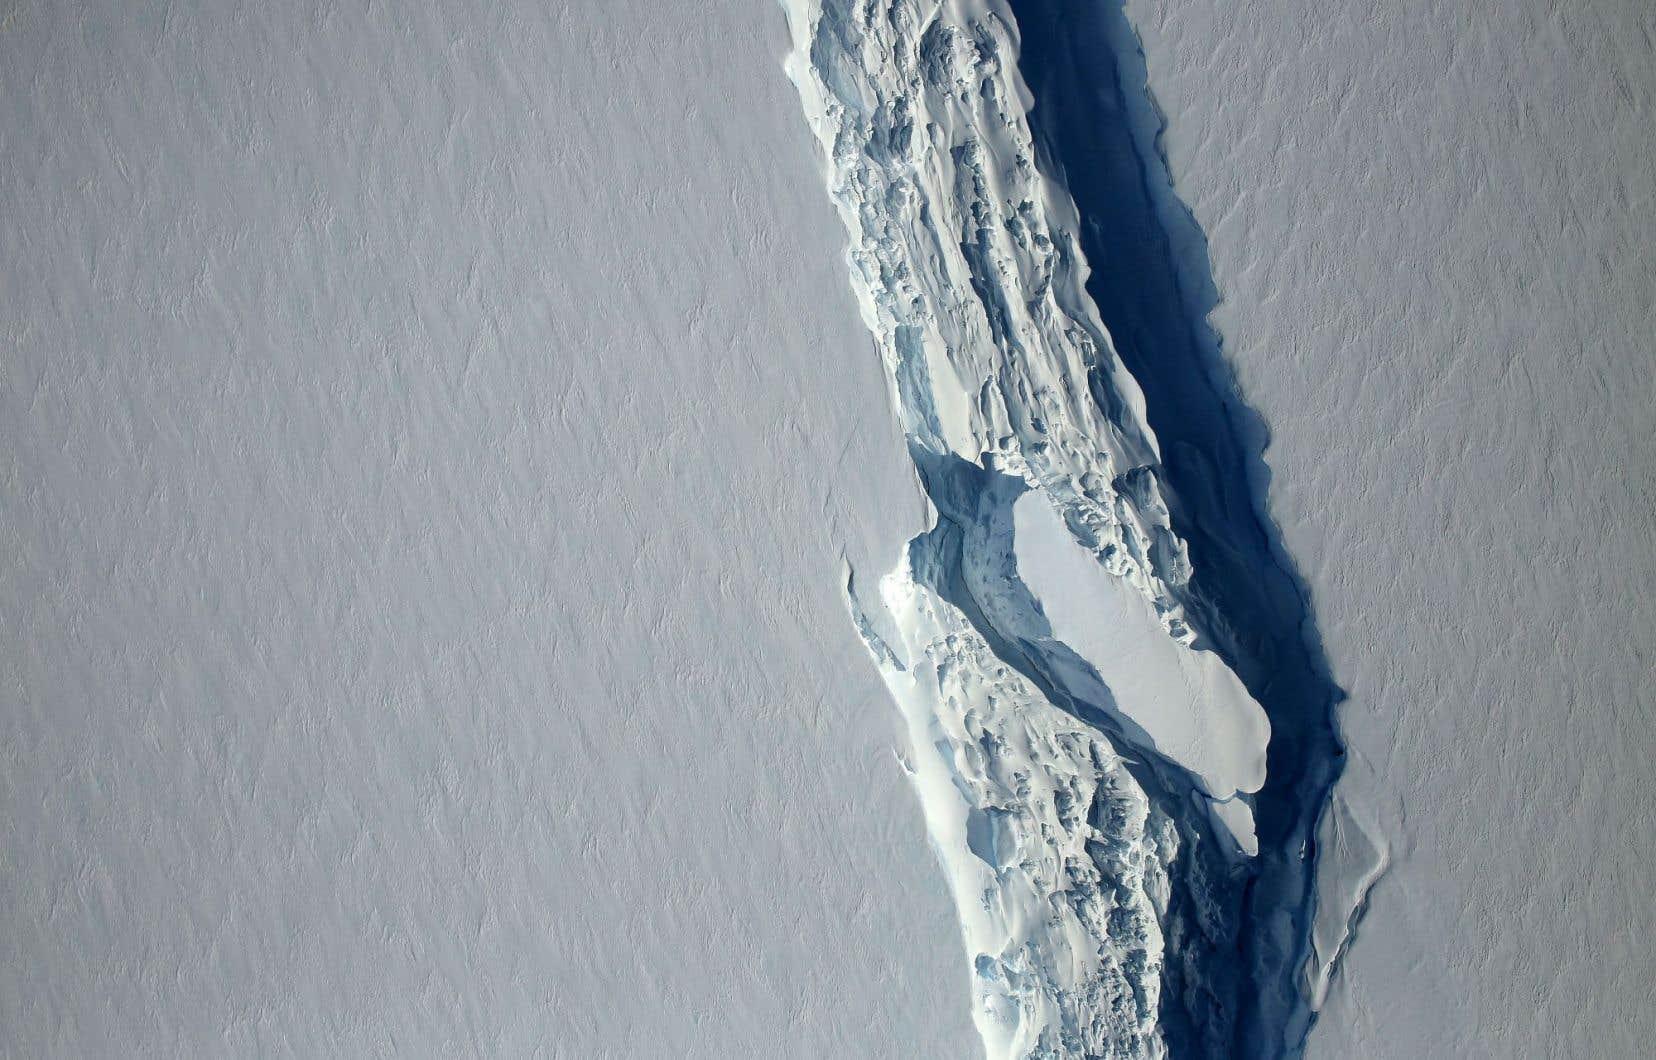 Larsen C était fissurée depuis des années par une gigantesque crevasse. Début juillet, le futur iceberg n'était plus relié au continent antarctique que sur 5km.